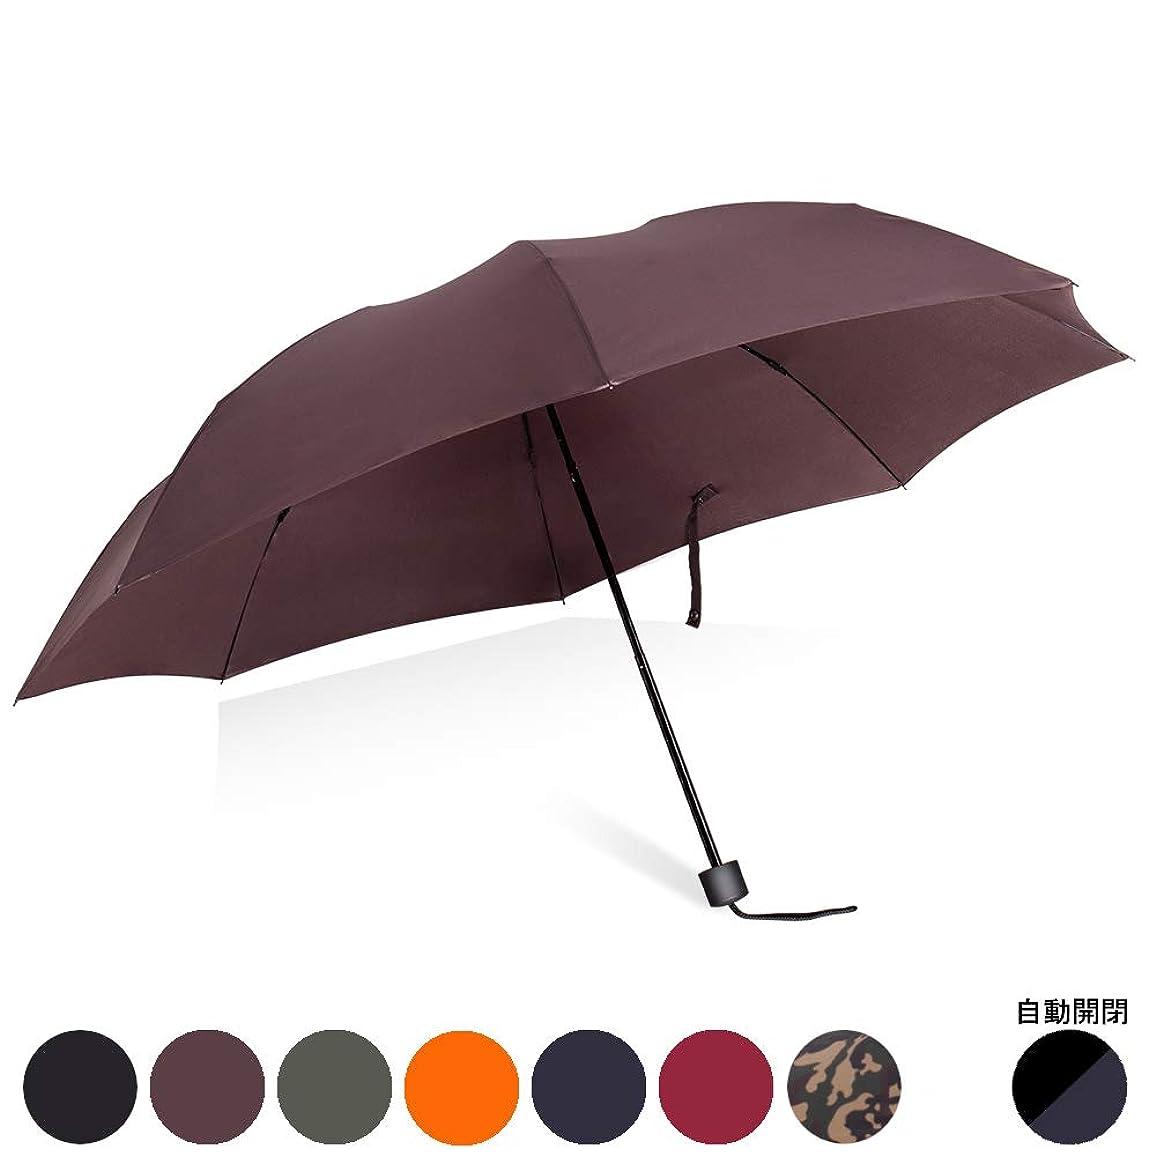 発火する突然取り囲む【D70】 折りたたみ傘 大人2人でも濡れない 大きいサイズ 晴雨兼用 UVカット+高撥水+耐強風 超軽量 300g (ブラウン)